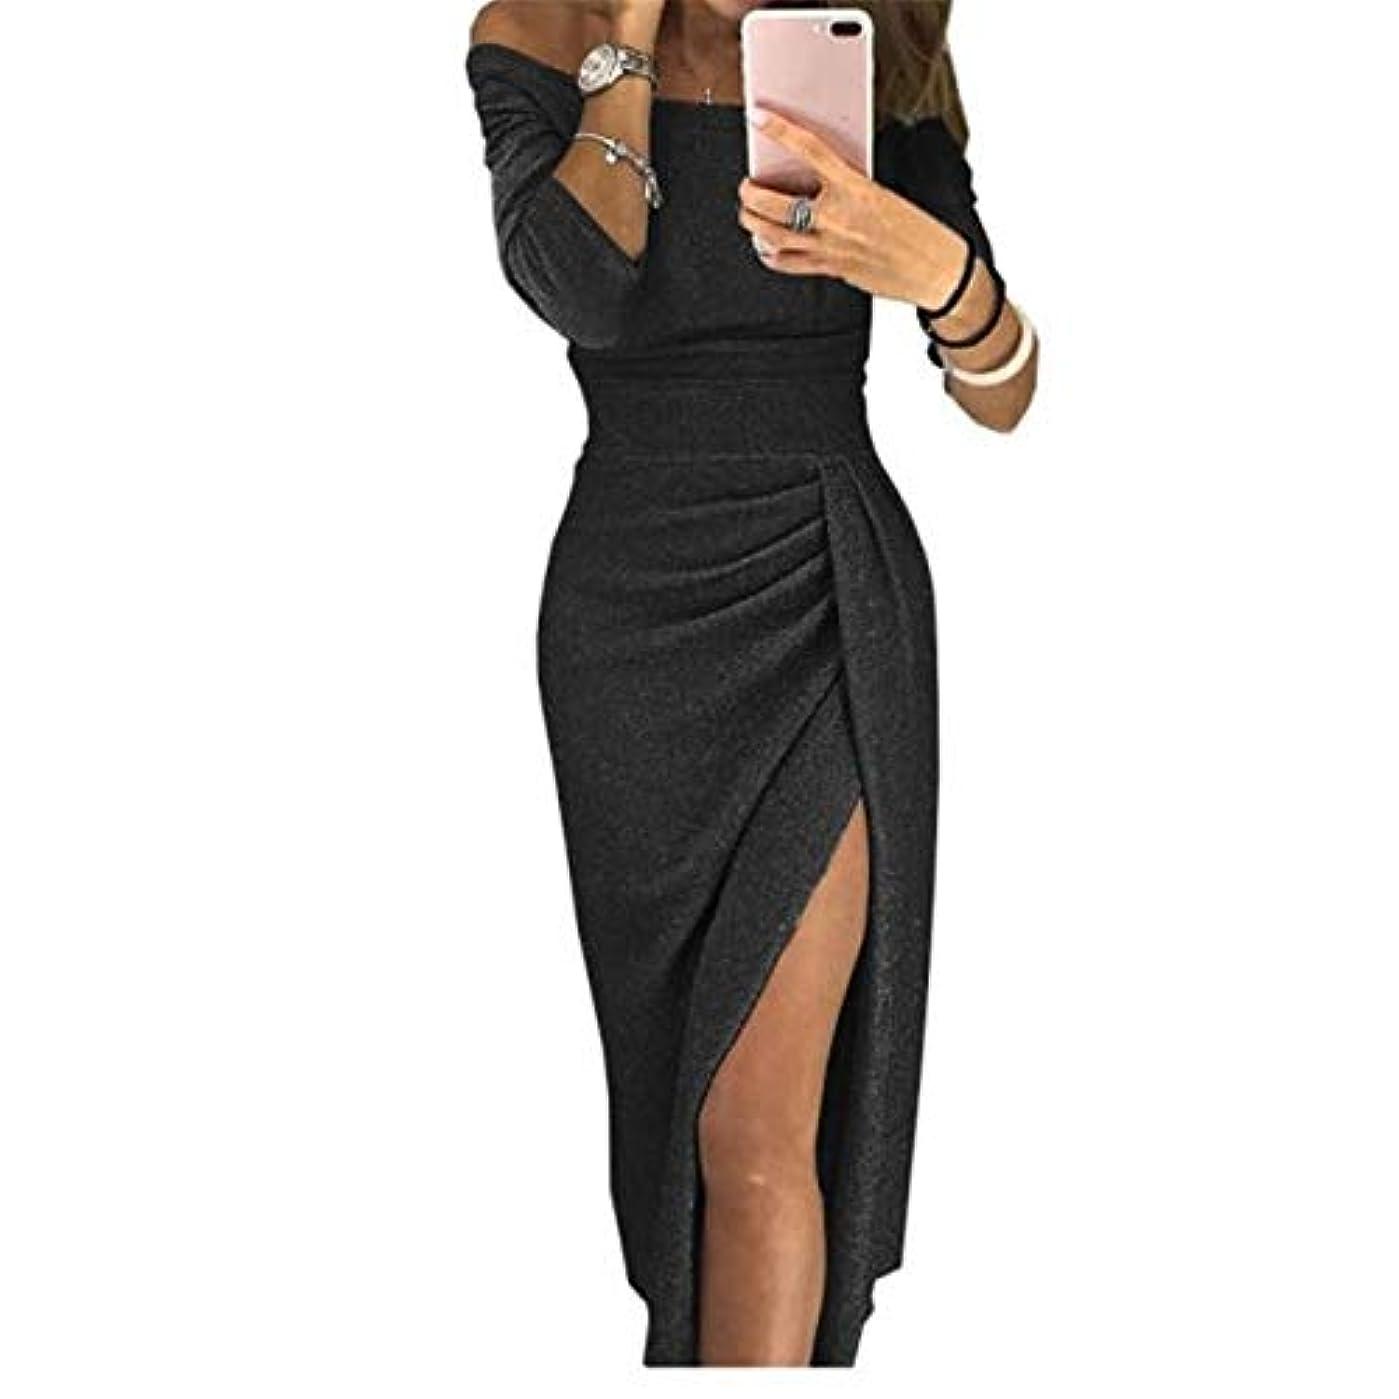 感謝している砲撃鉛Onderroa - 夏の女性のドレスはネックパッケージヒップスプリットセクシーなスパンコールのドレスレディース包帯パーティーナイトクラブミッドカーフ服装スラッシュ